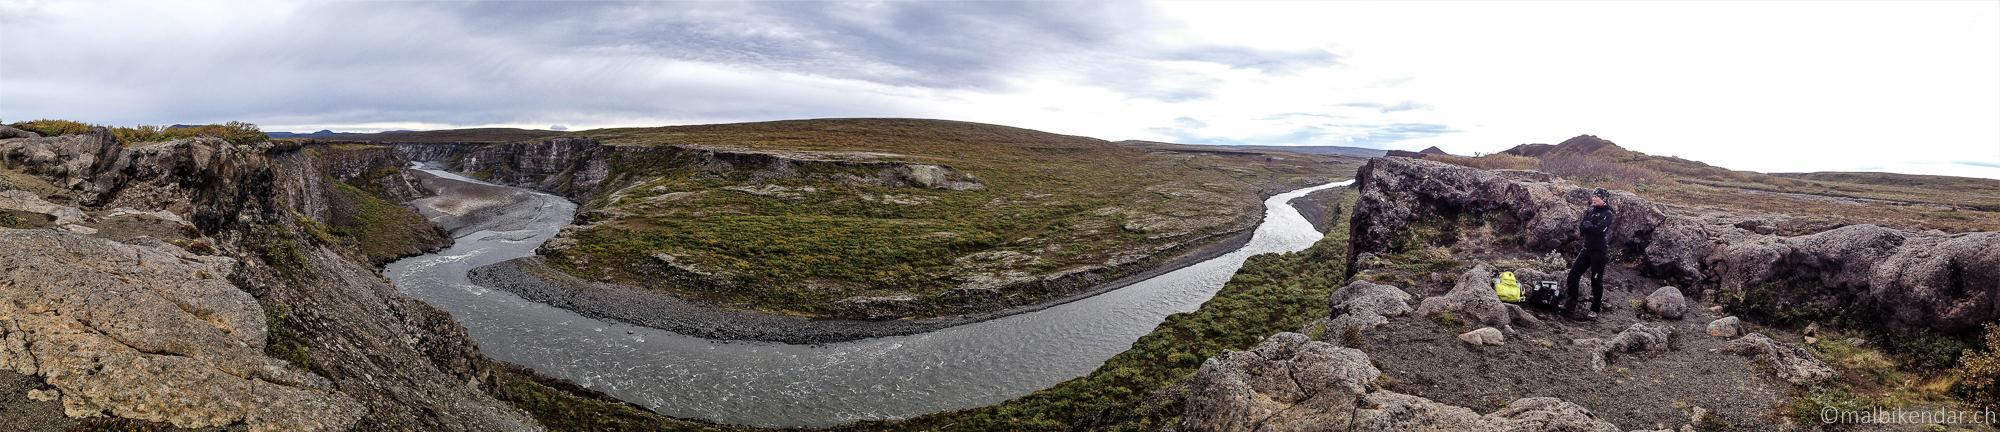 Randonnée à Asbyrgi, Vue panoramique sur le canyon de Jökulsa à Kviar